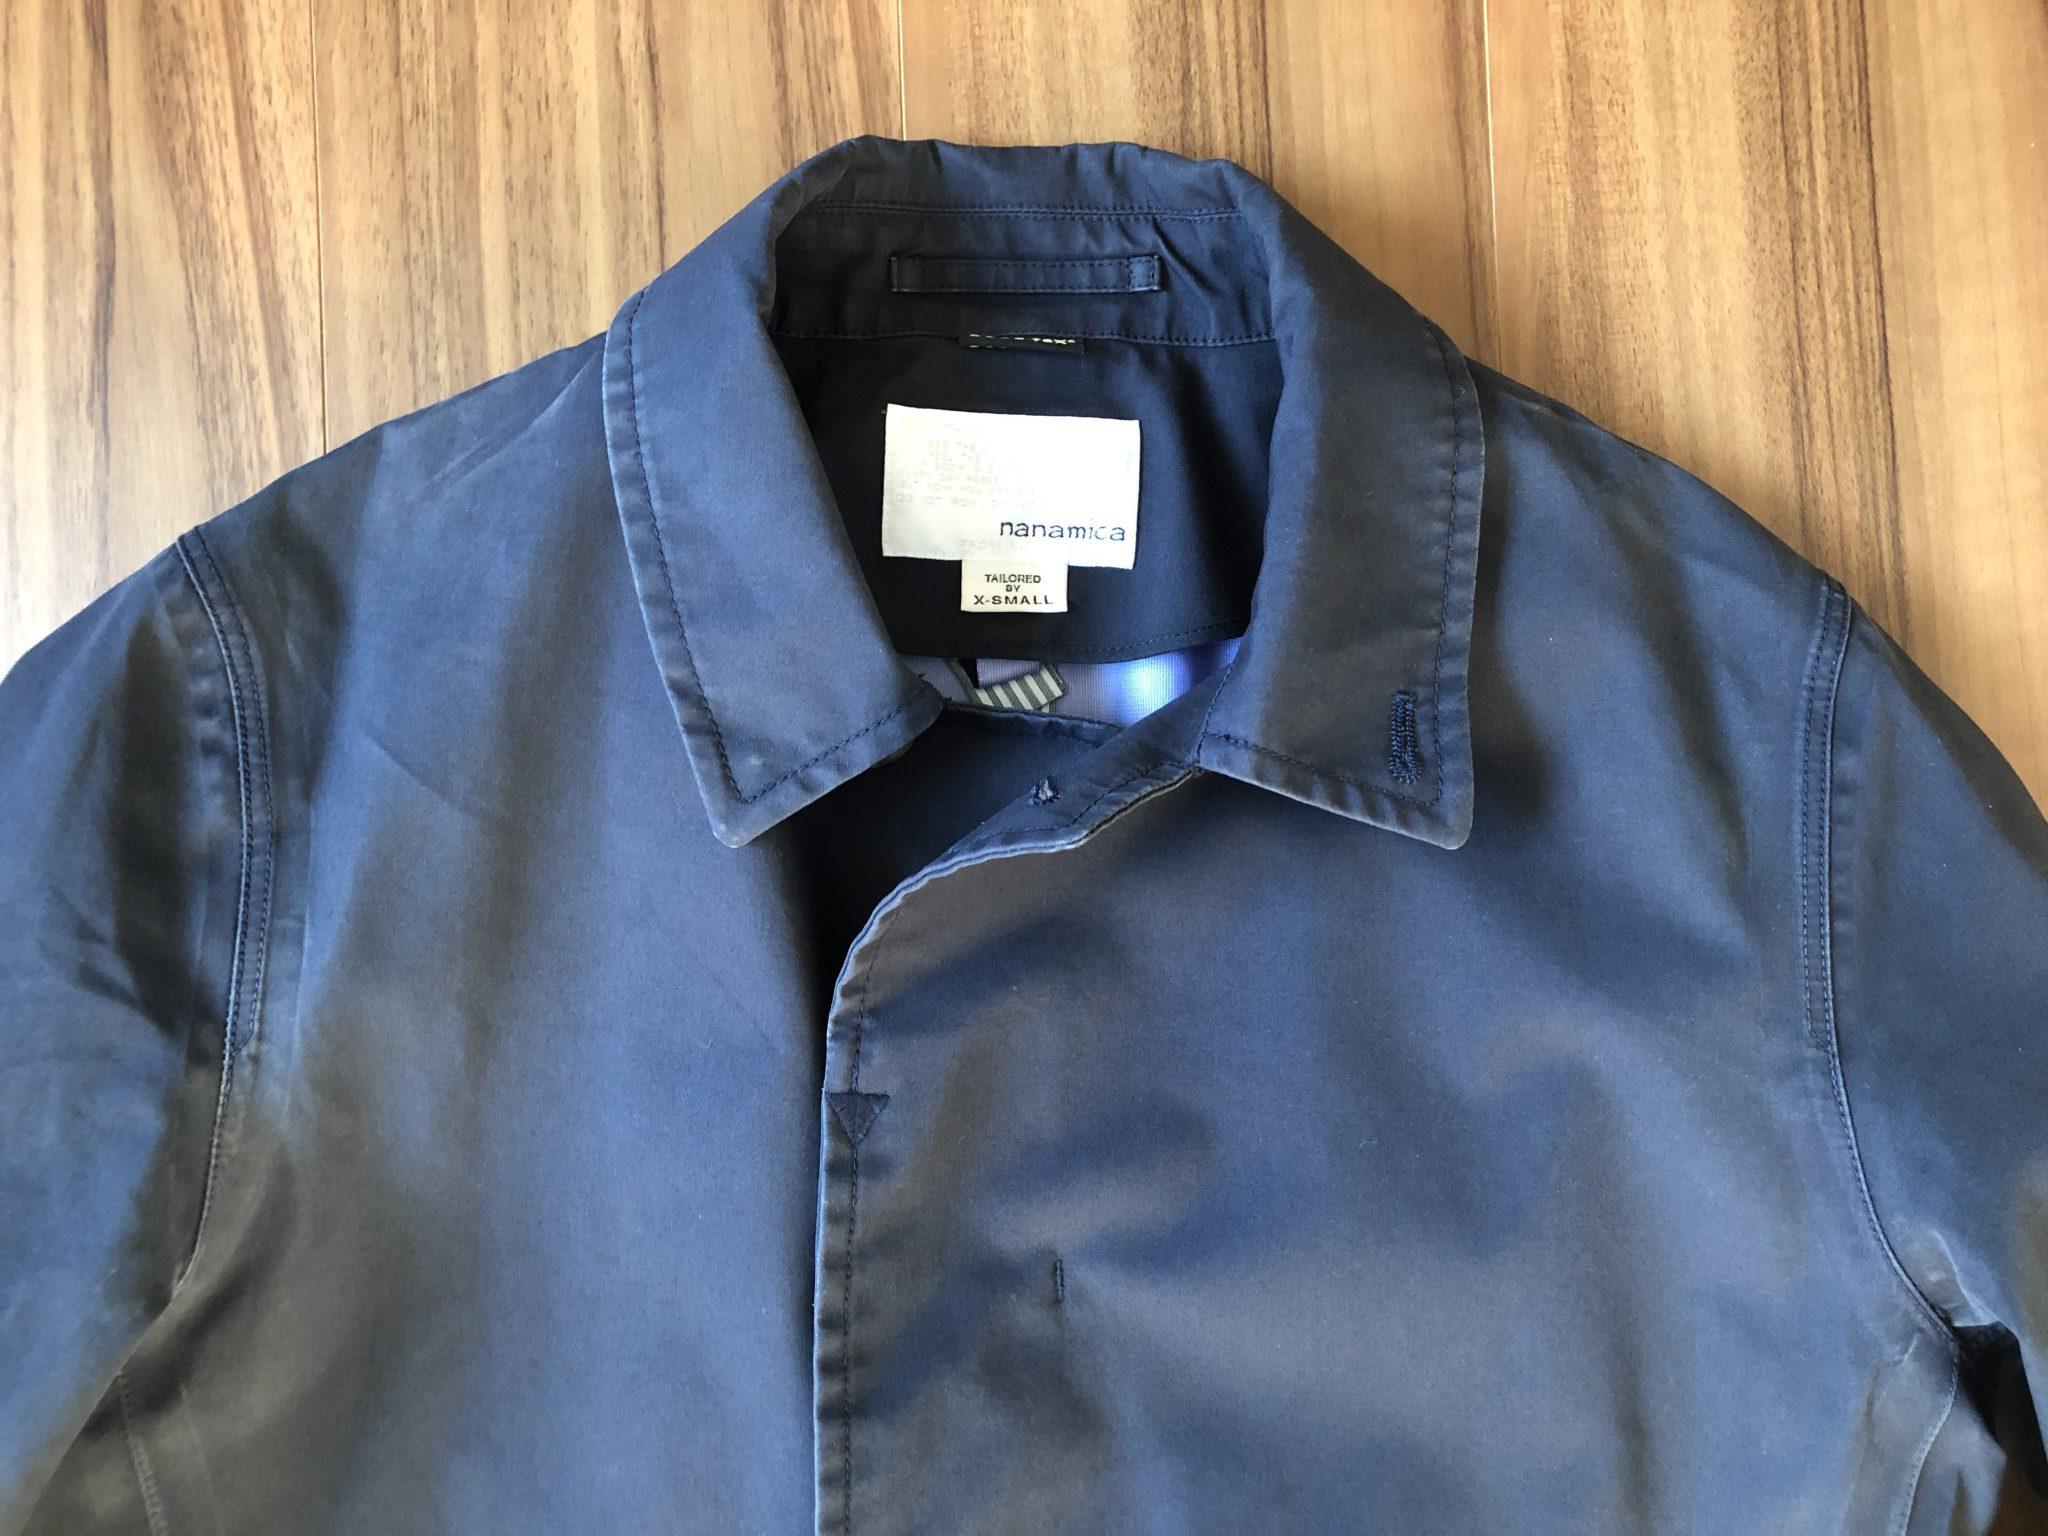 ナナミカ ゴアテックス ステンカラーコート nanamica GORE-TEX Soutien Collar Coat 3年目 洗濯後 エイジング 経年変化 襟元